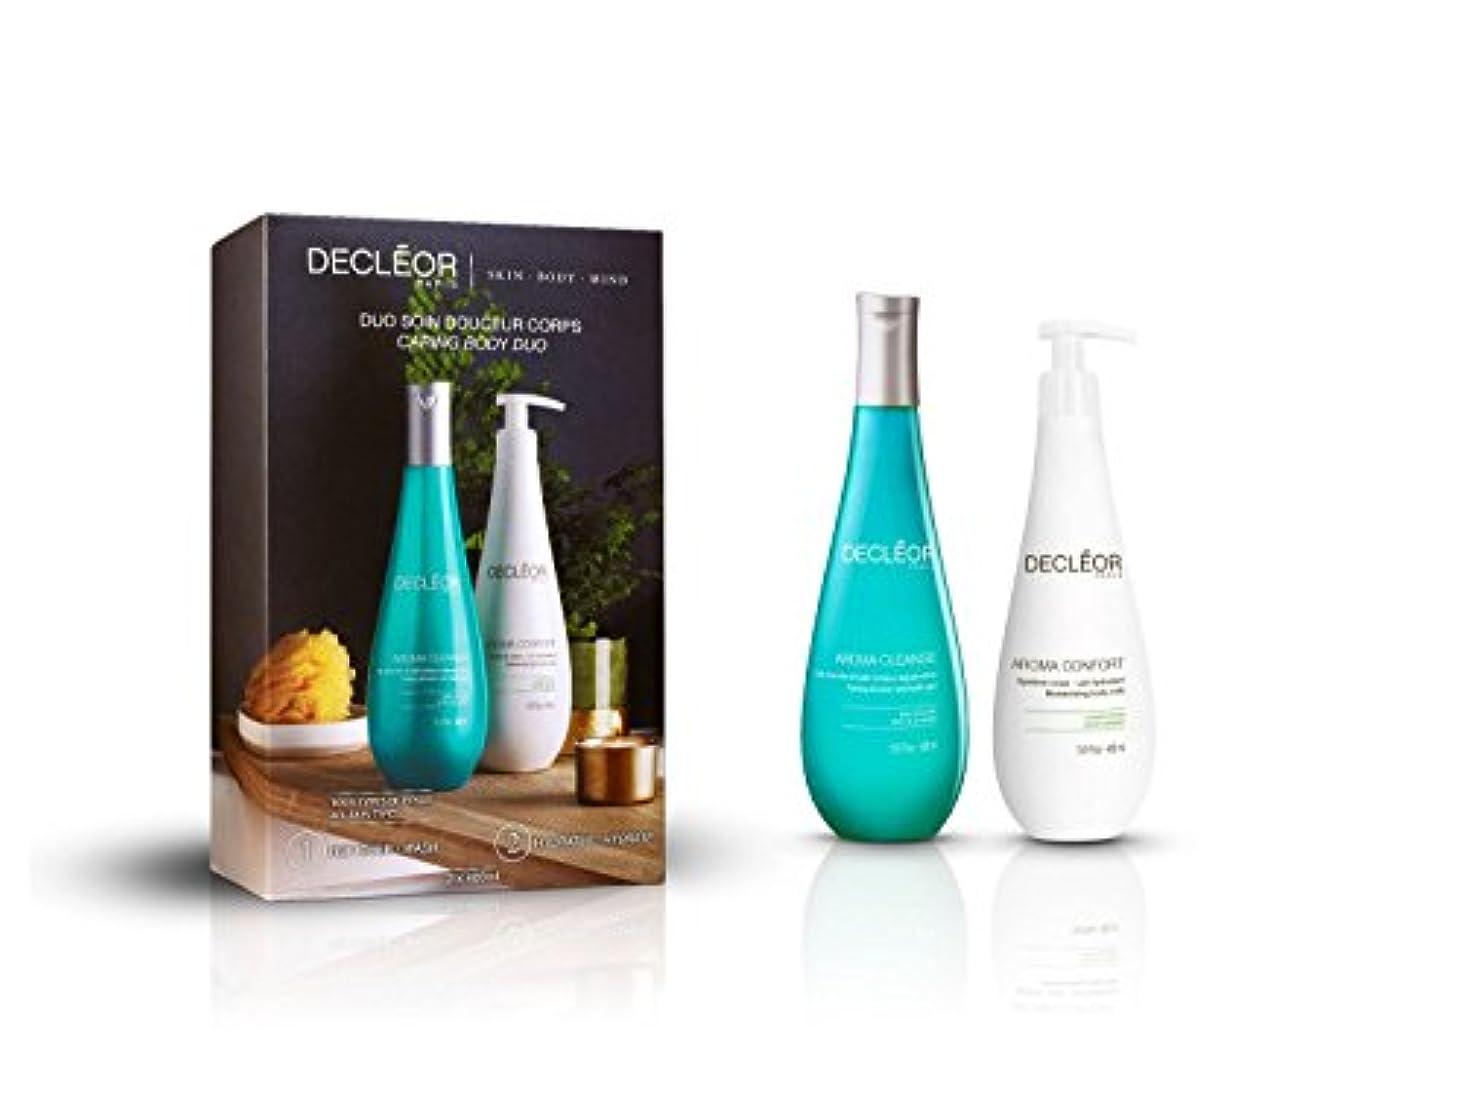 土砂降り帰る古いデクレオール Caring Body Duo : Aroma Cleanse Toning Shower & Bath Gel 400ml + Aroma Confort Moisturising Body Milk 400m...